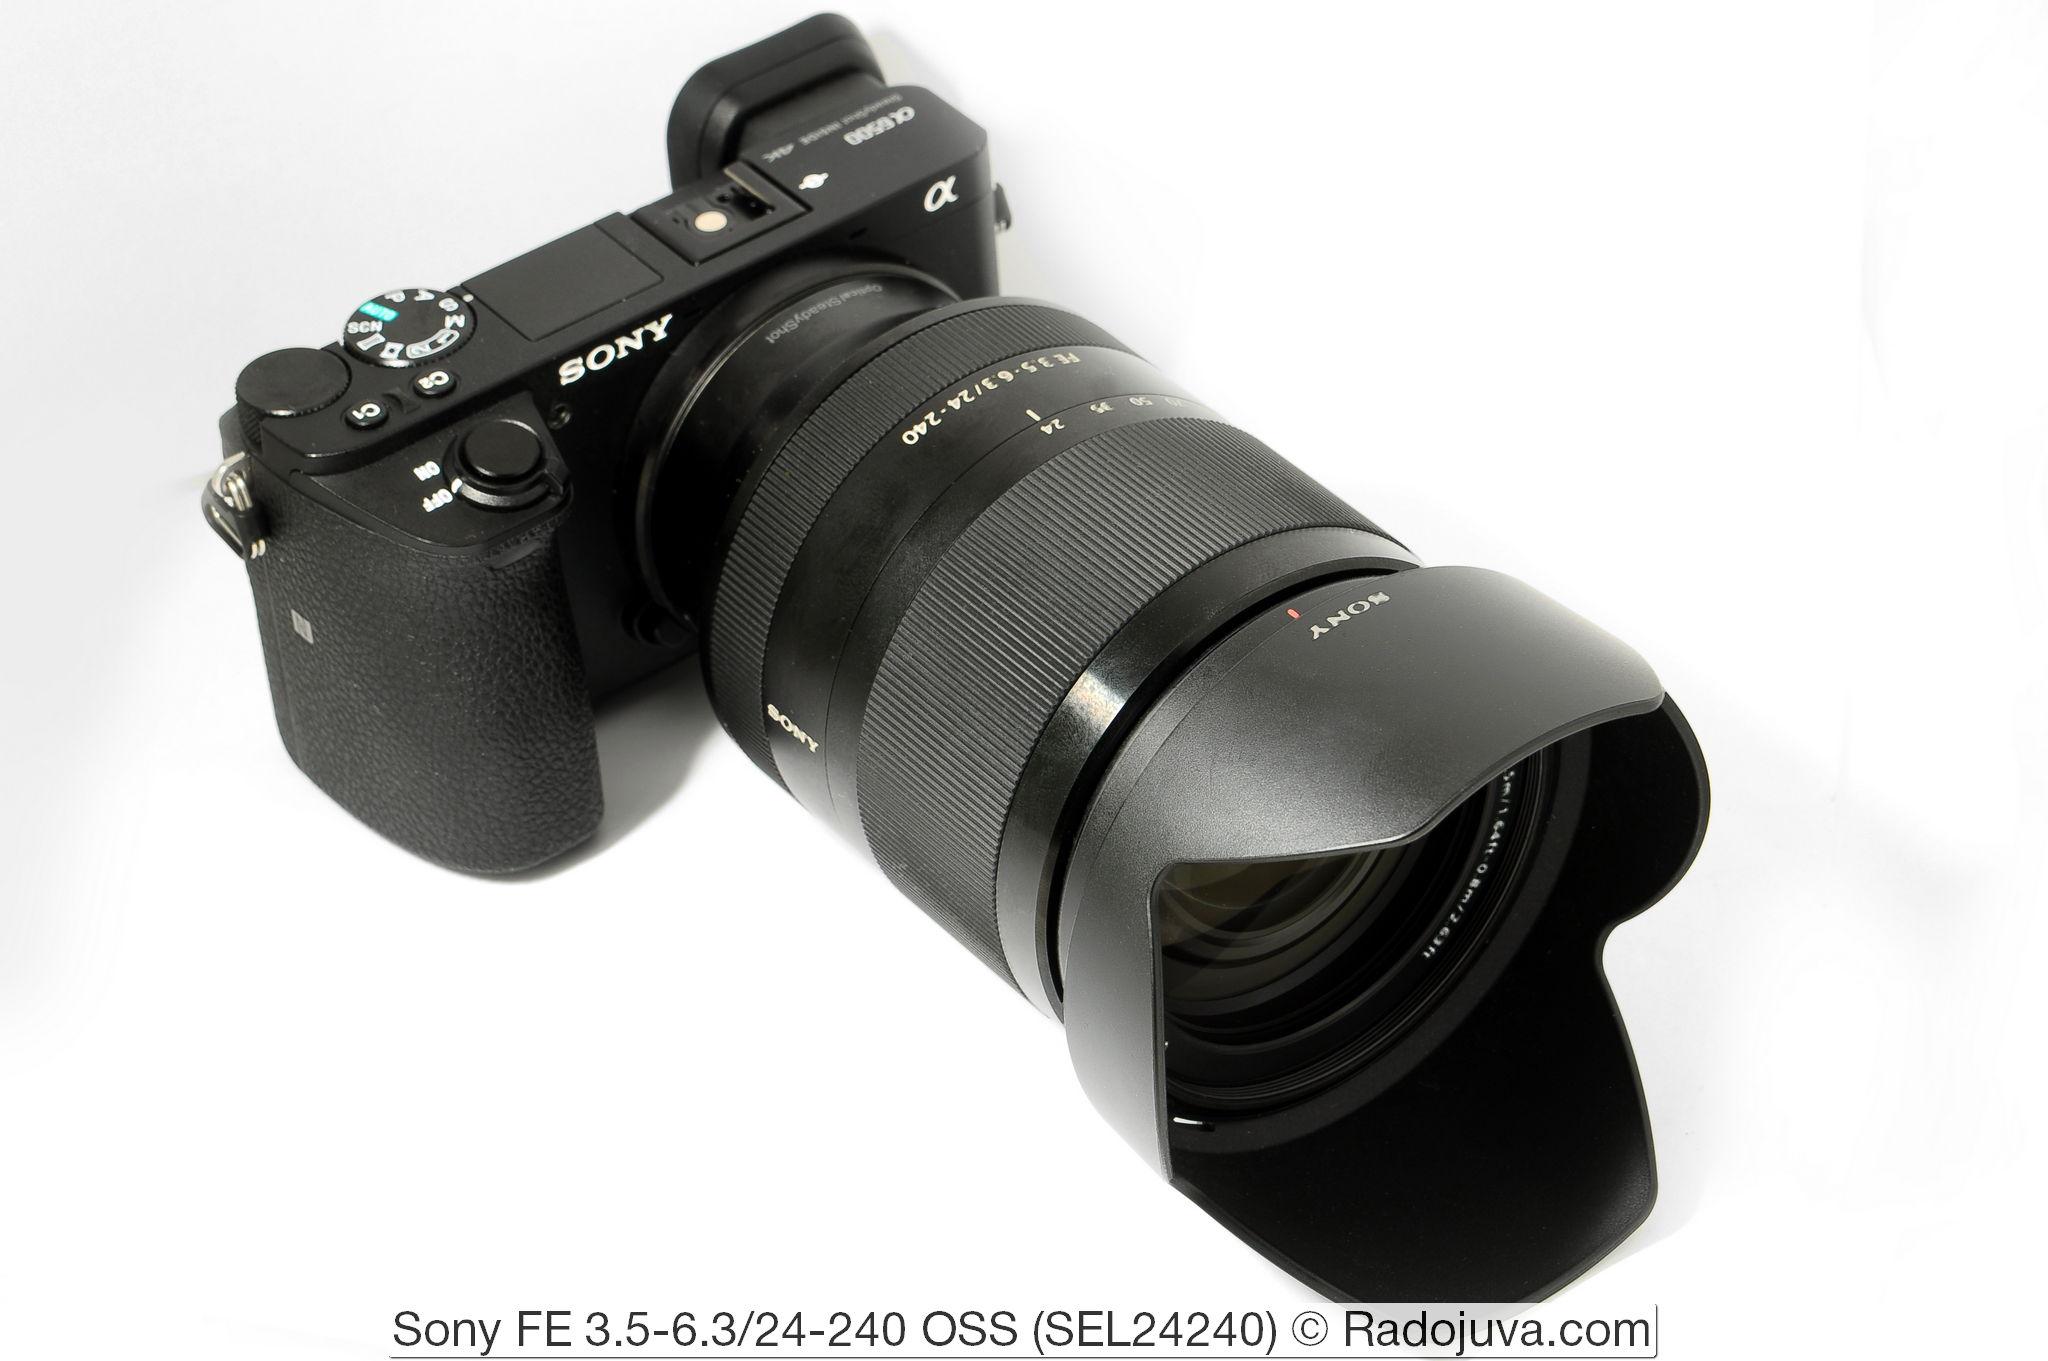 Sony FE 3.5-6.3/24-240 OSS (SEL24240)